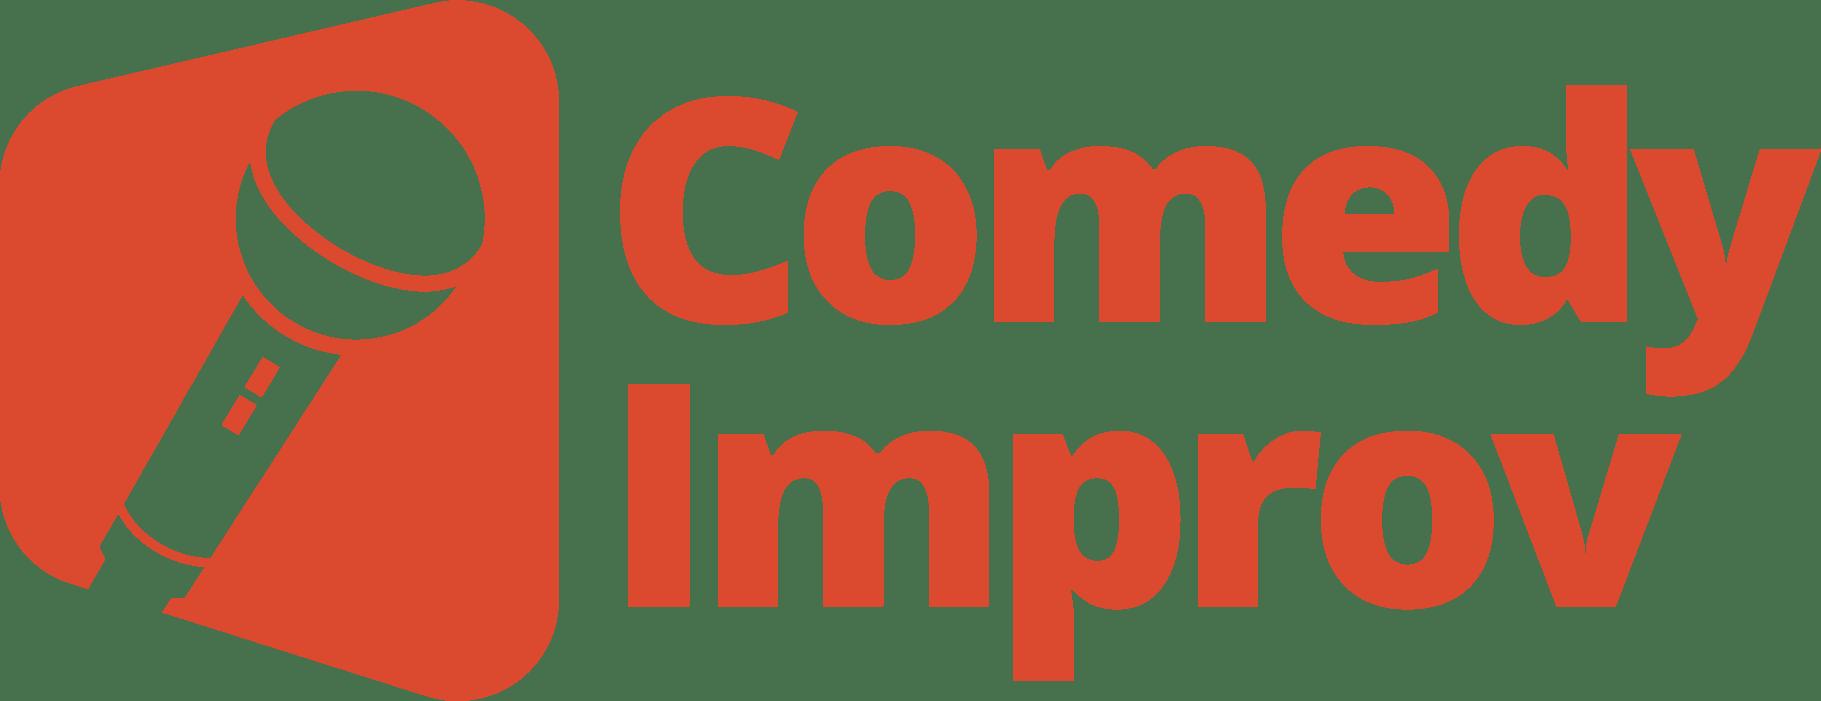 Improv Comedy Team Building Logo